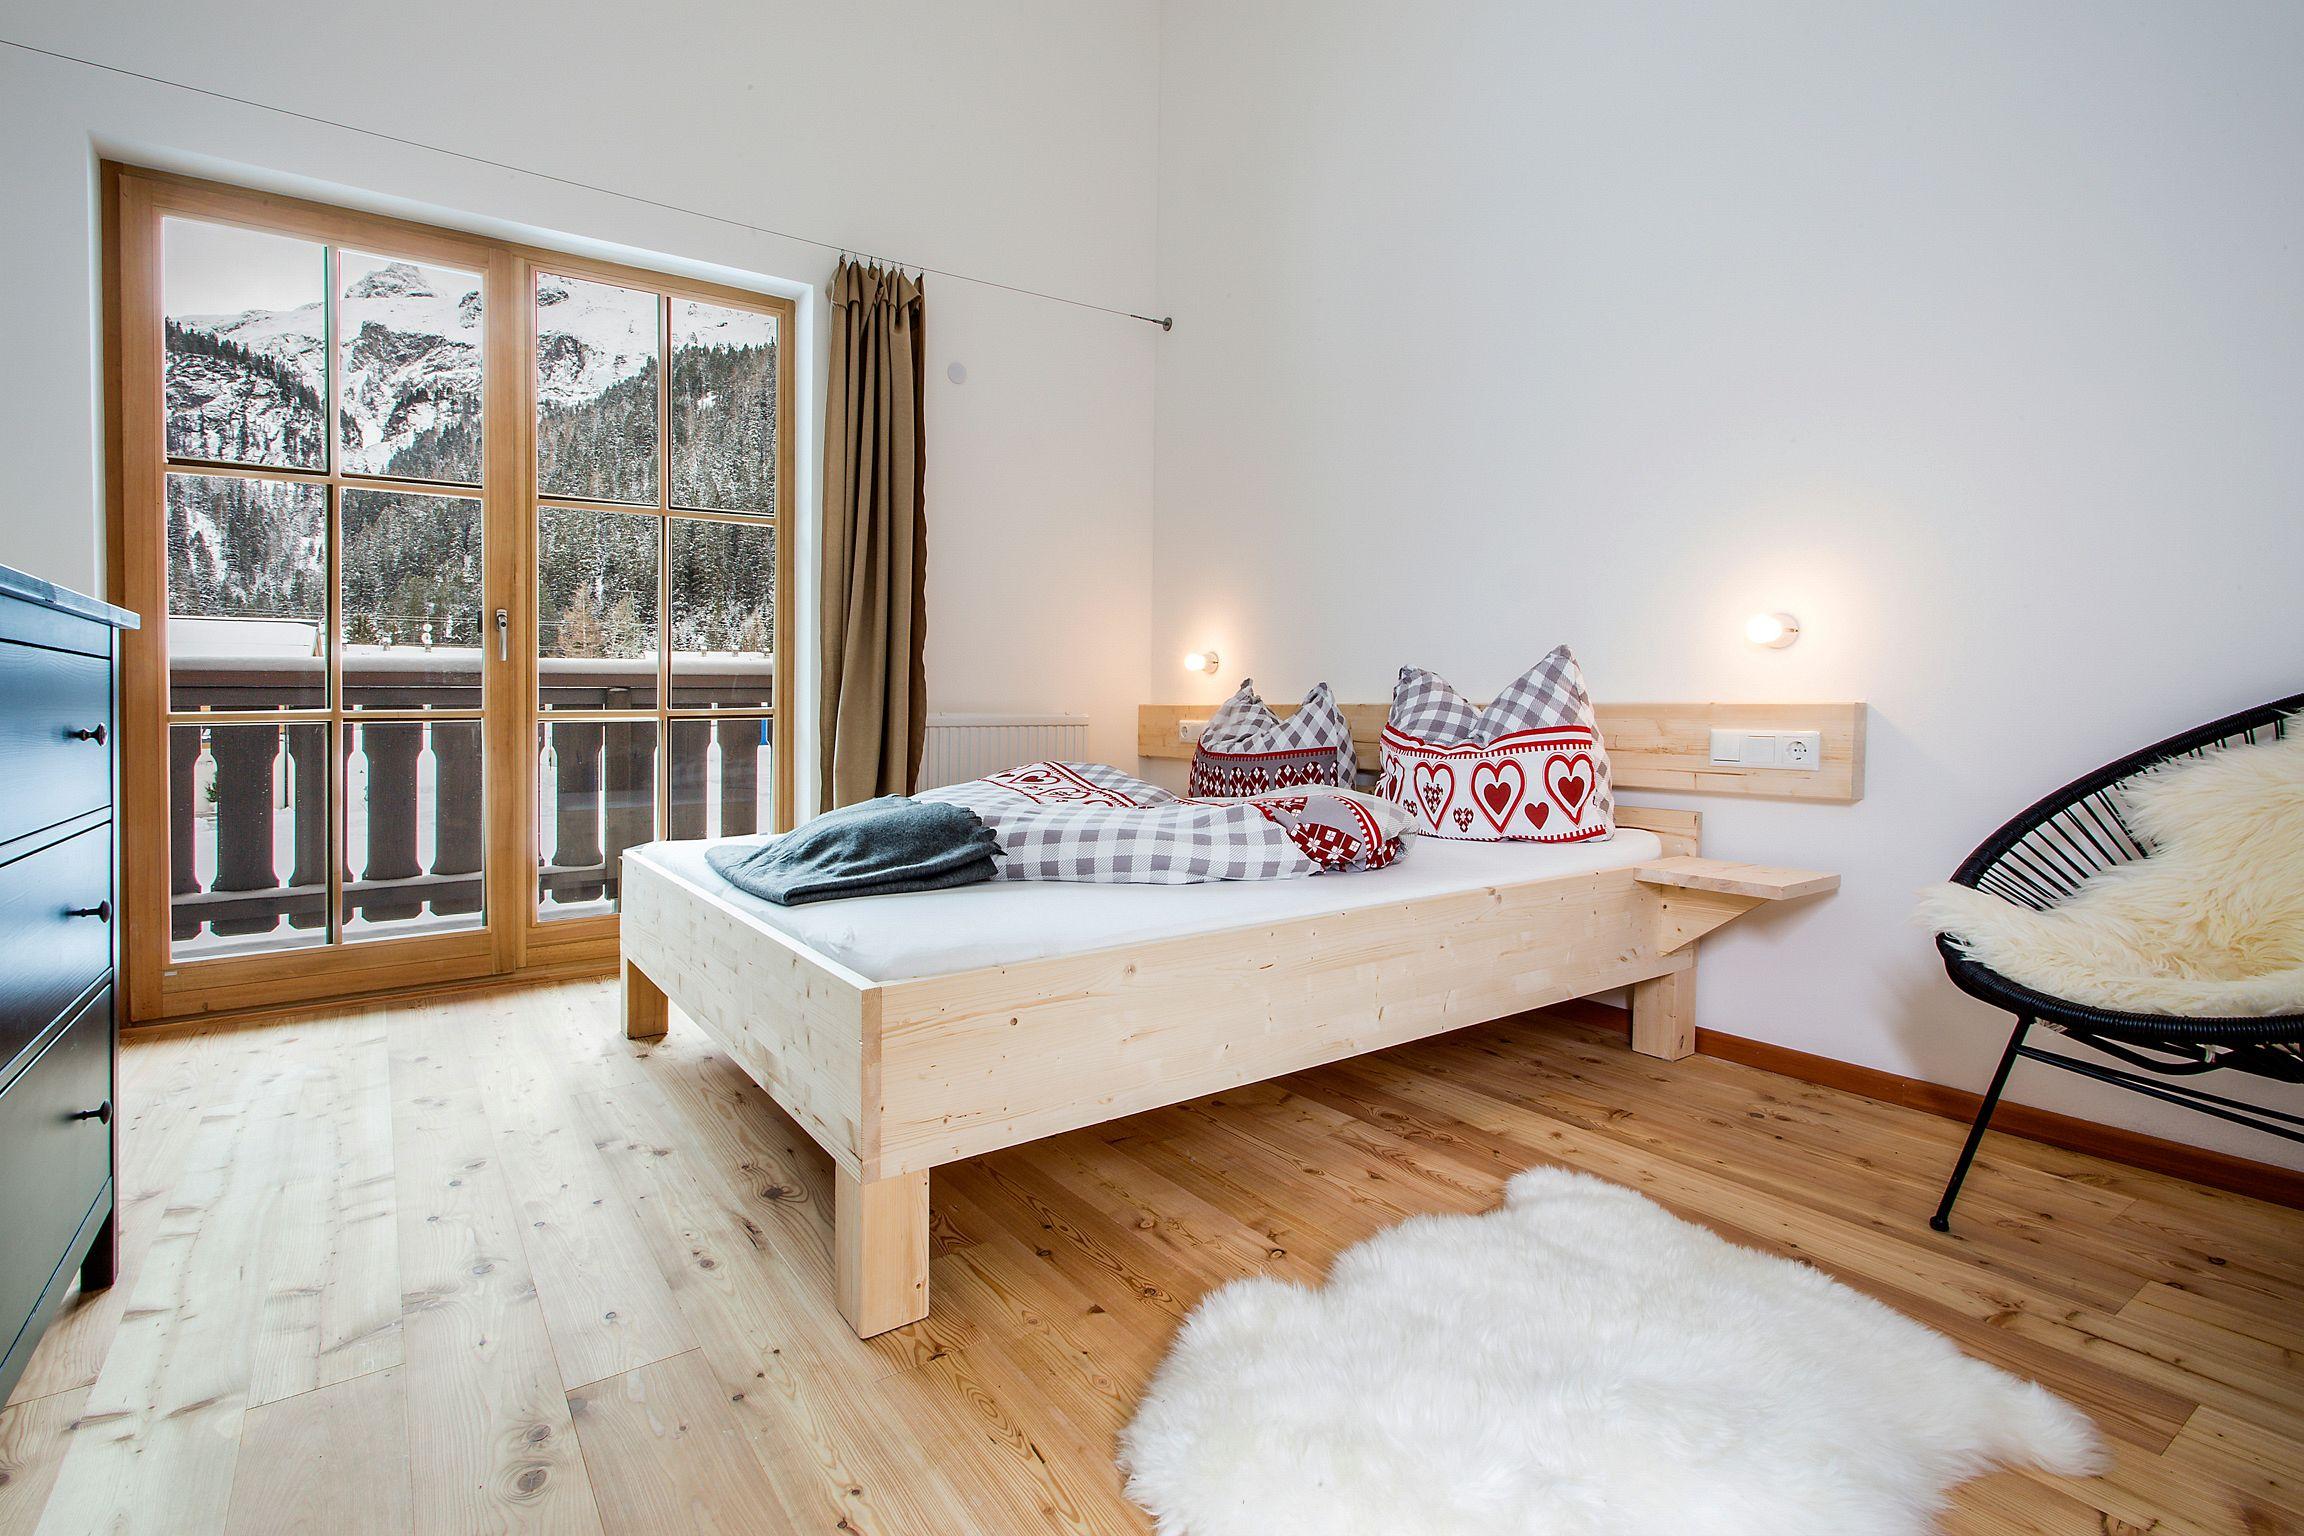 Maison de vacances Lodge Wildrose, direkt am Skilift für 6-8 (2050392), Uttendorf, Pinzgau, Salzbourg, Autriche, image 32